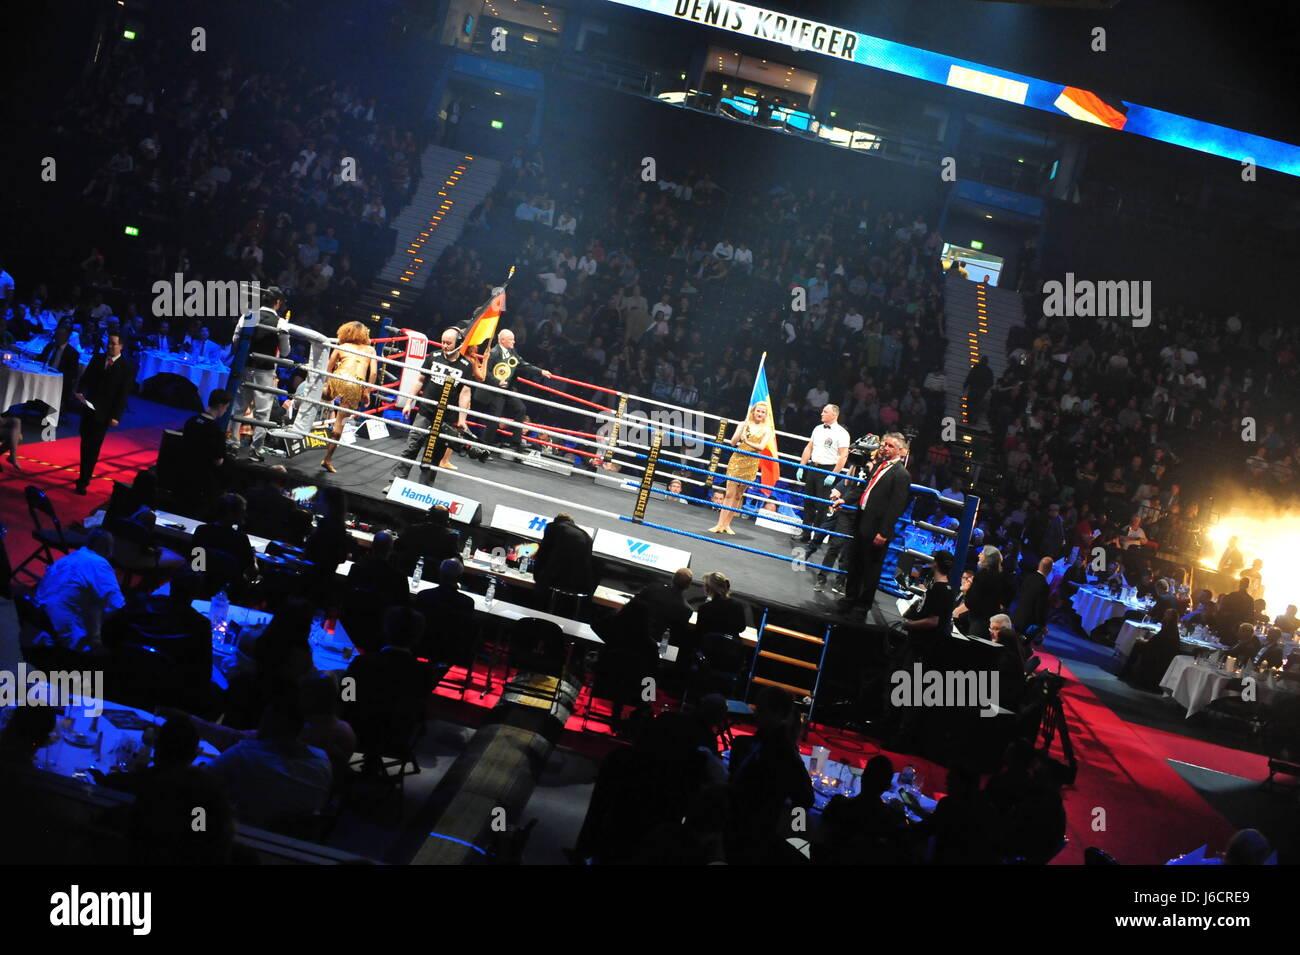 EC Boxing Event, Barclaycard Arena, Hamburg, Deutschland - Stock-Bilder